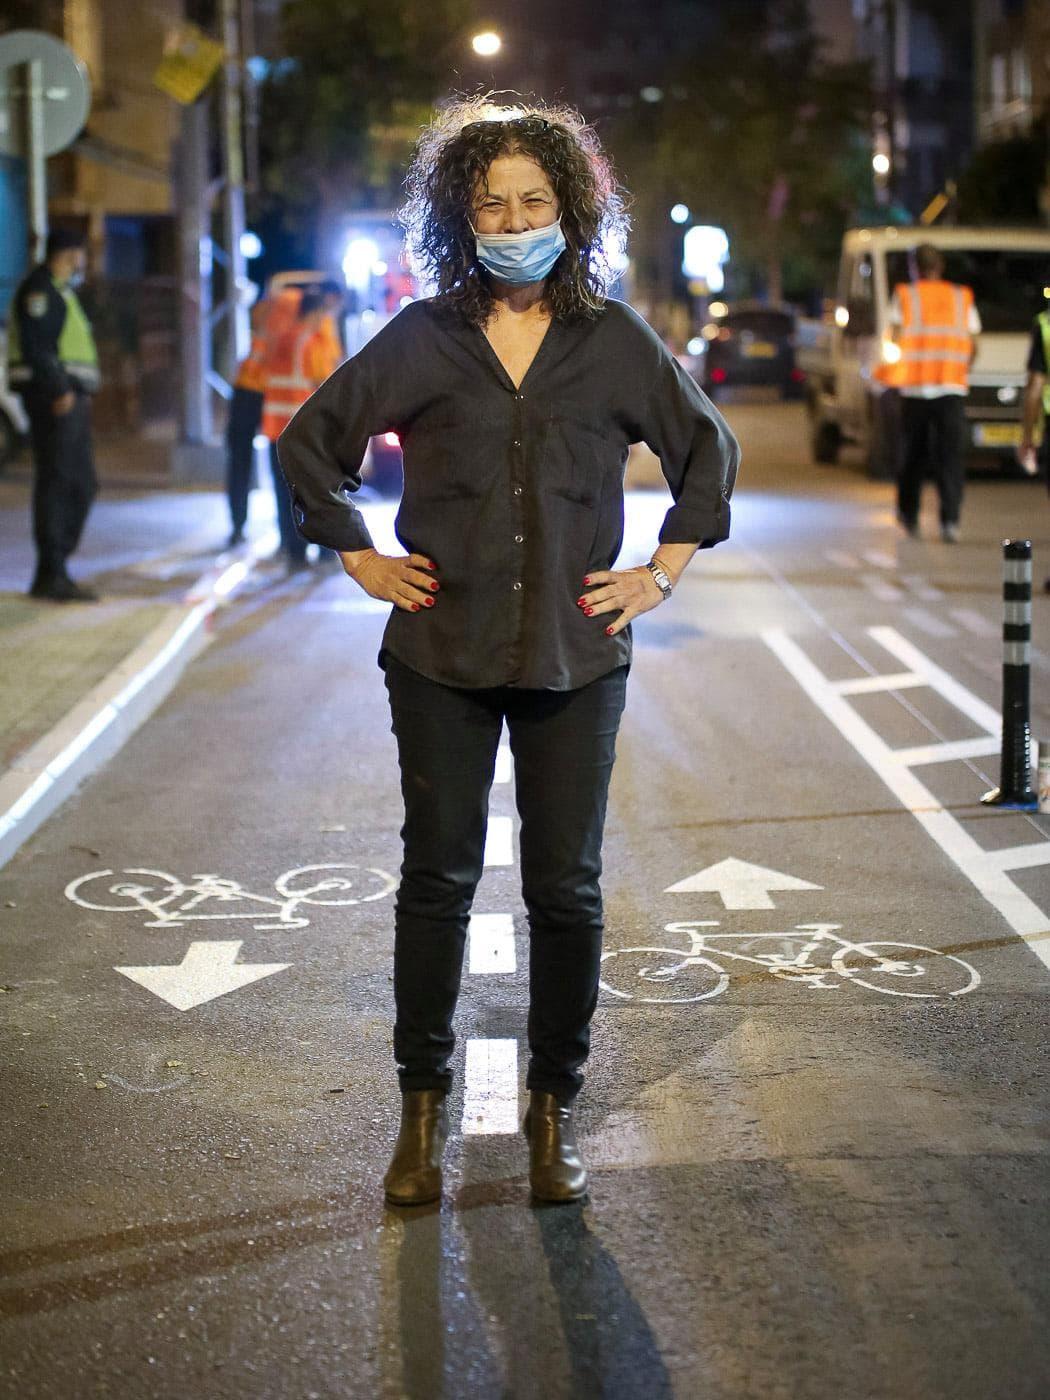 מיטל להבי עומדת על שבילי אופניים חדשים שנסללו בתל אביב ב-2020 (צילום: עמוד הפייסבוק של מיטל להבי)